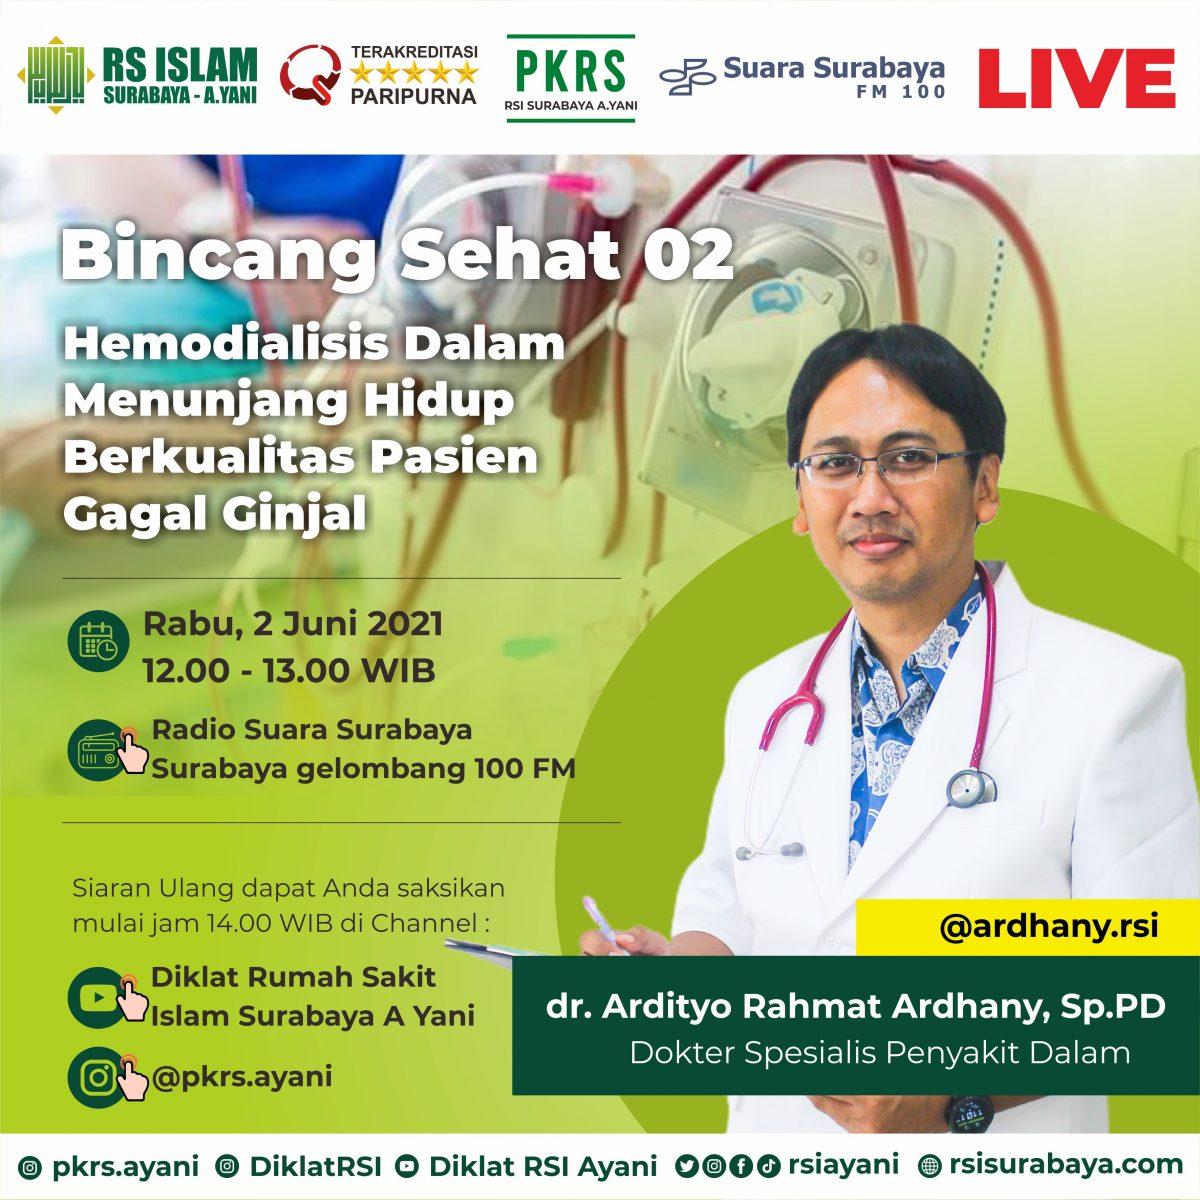 Live-Hemodialisis-Dalam-Menunjang-Hidup-Berkualitas-Pasien-Gagal-Ginjal-1200x1200.jpg